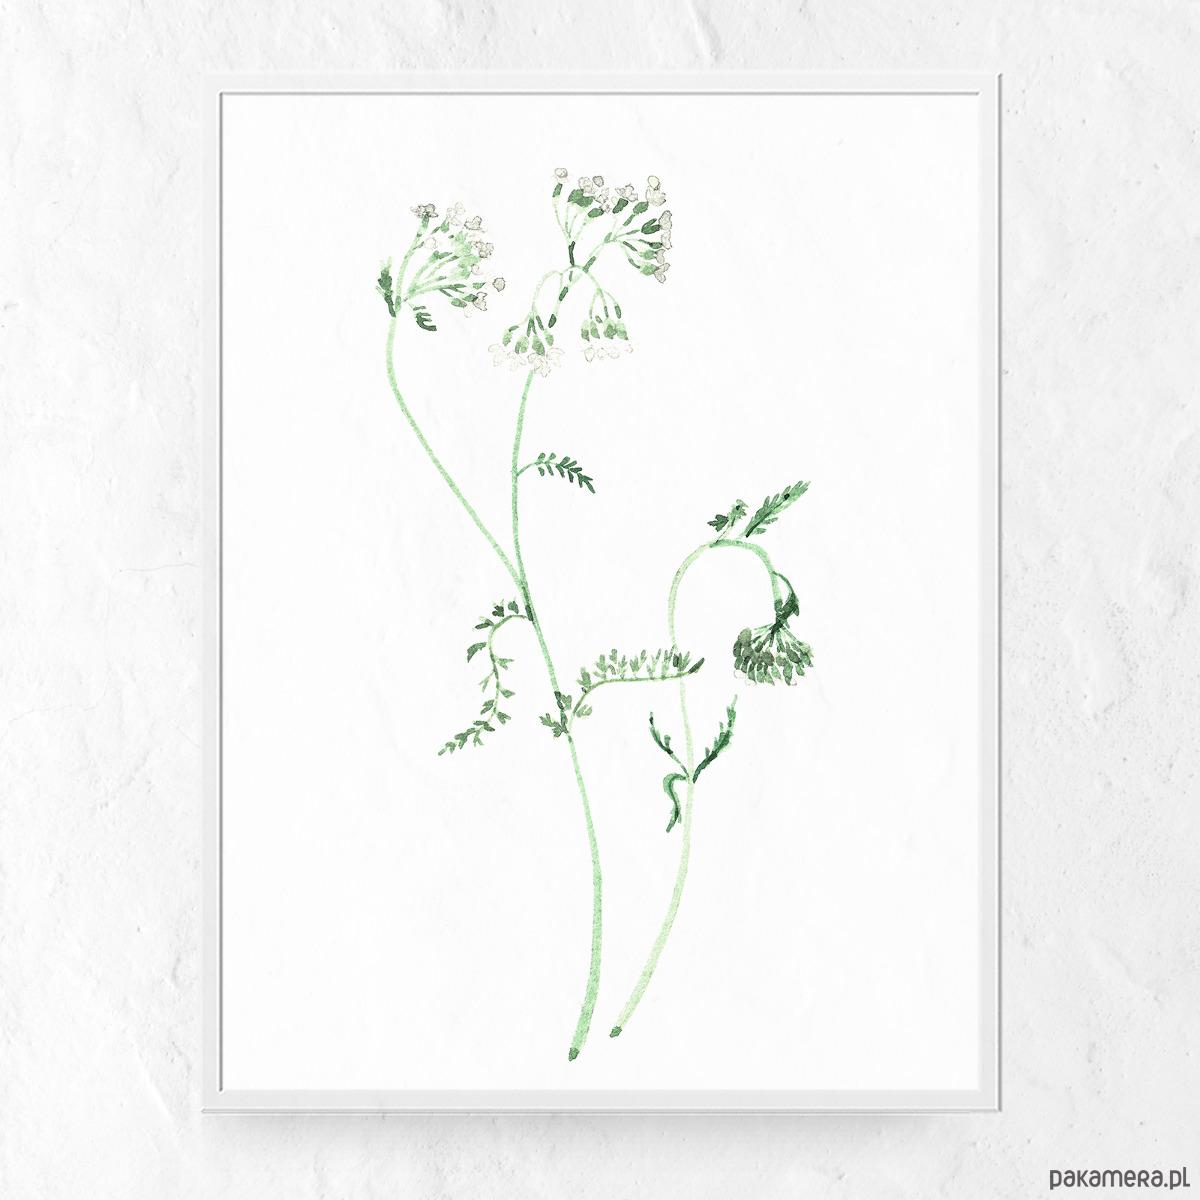 Plakat Kwiaty Polne Grafiki I Ilustracje Pakamera Pl